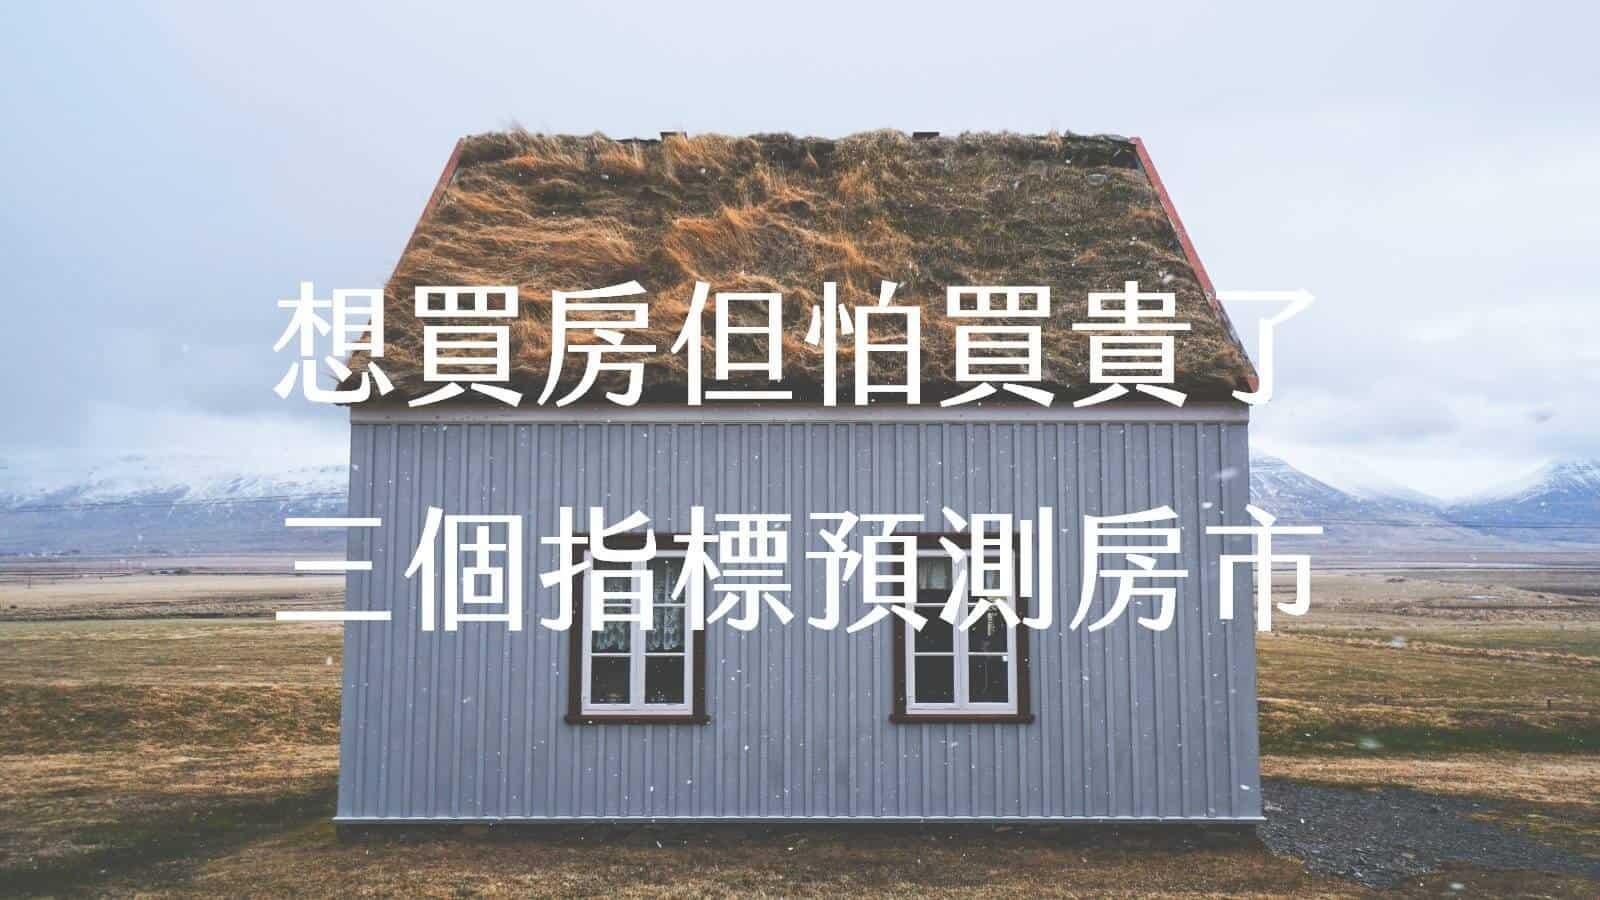 別傻了!買房和租屋根本不等值,居住唯有「取捨」二字而已。 1